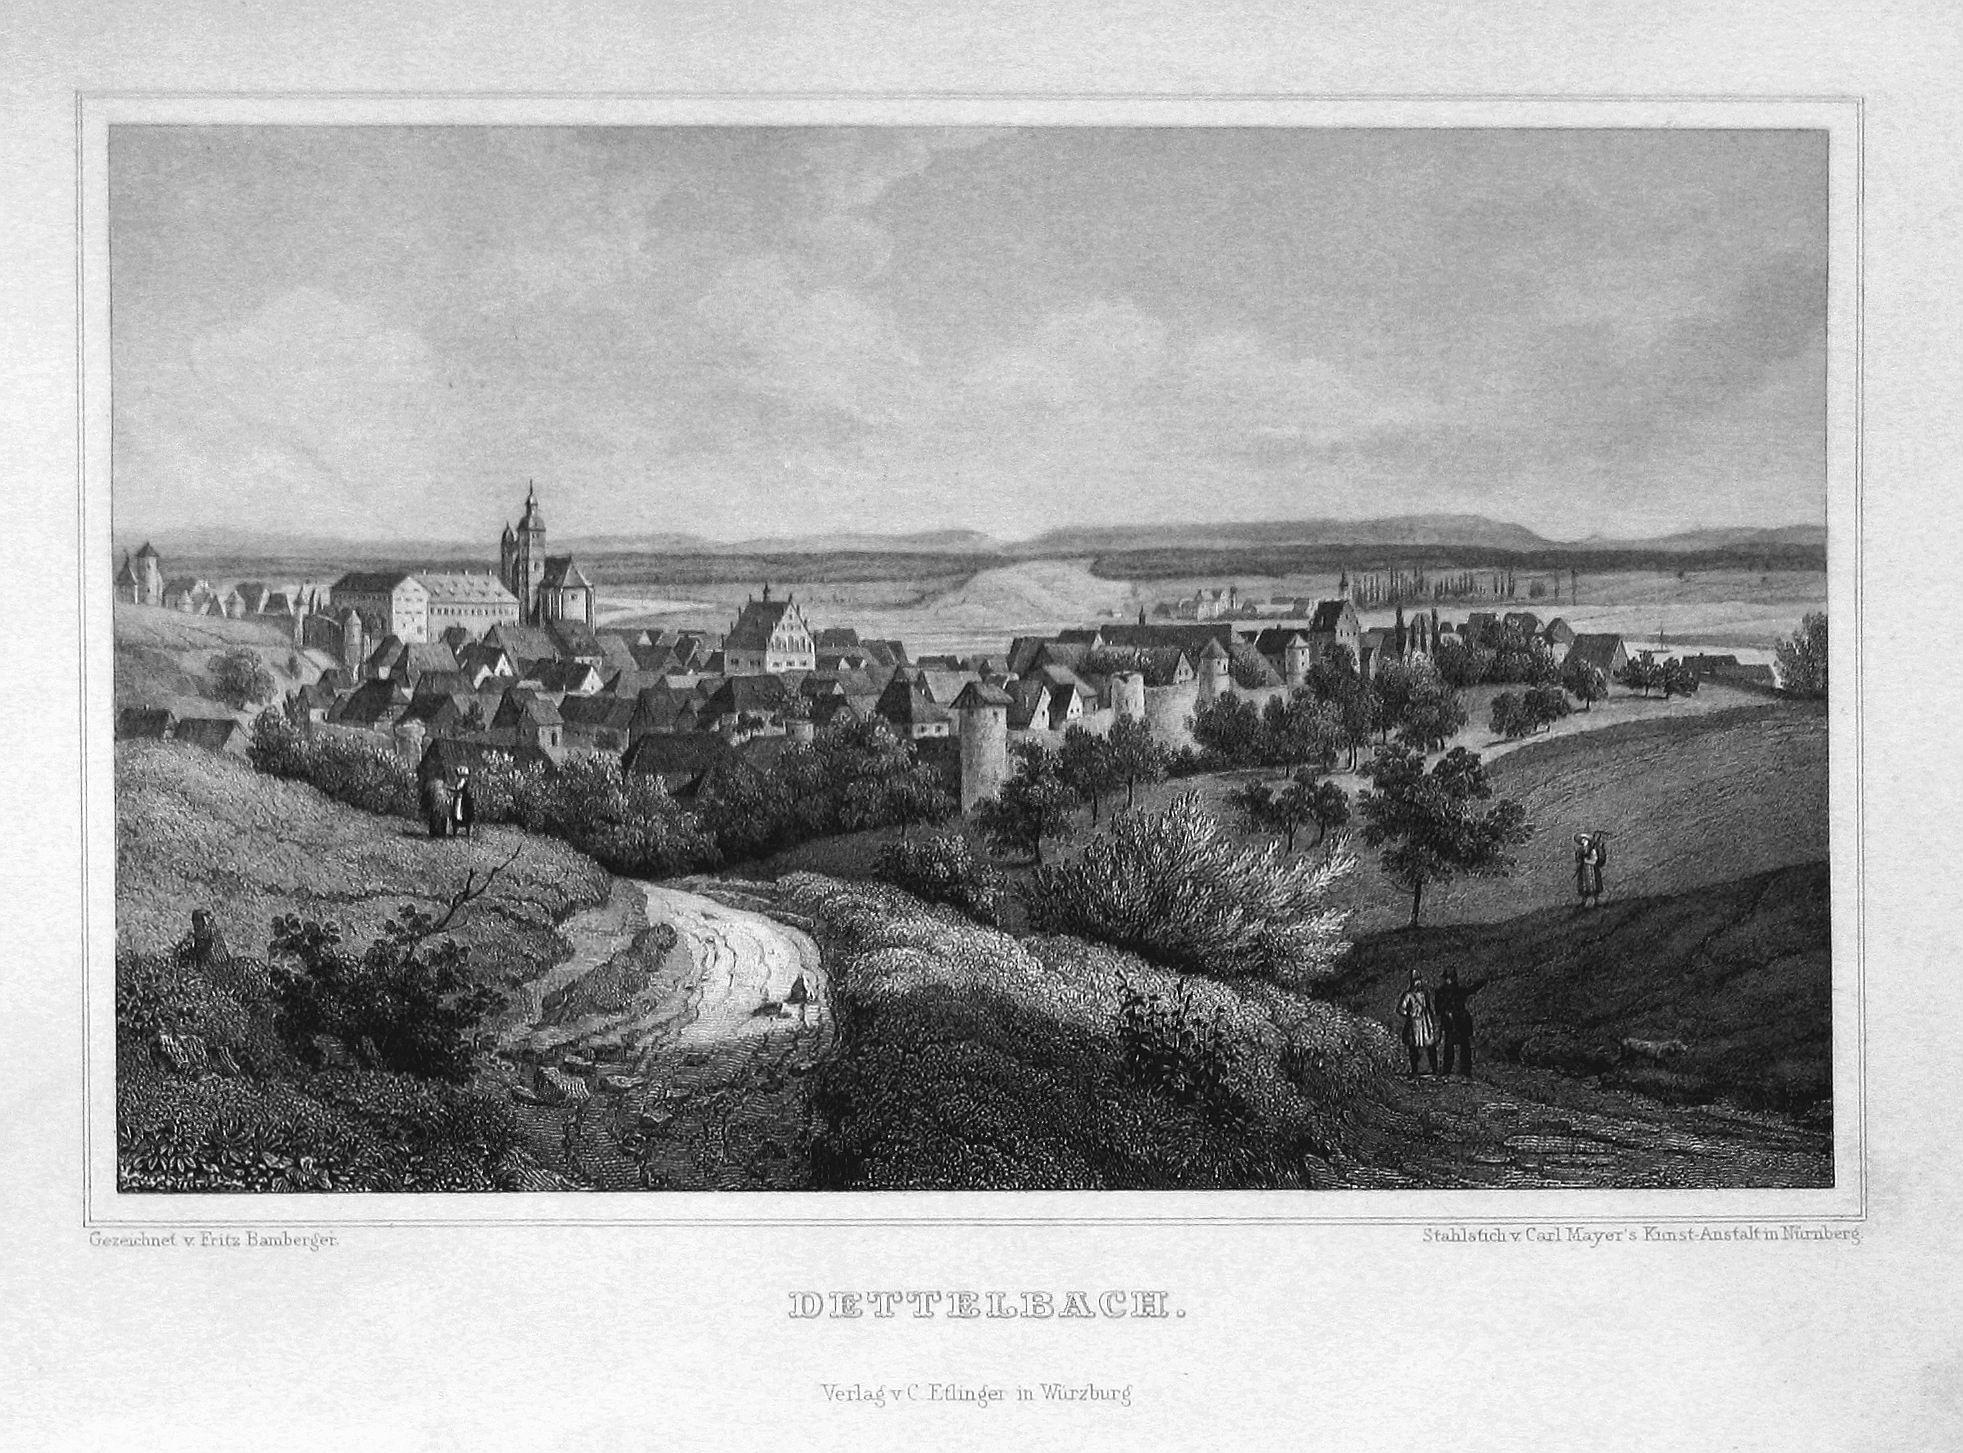 """Dettelbach"""" - Dettelbach Bayern Unterfranken Ansicht view: Bamberger, Fritz (1814-1873):"""